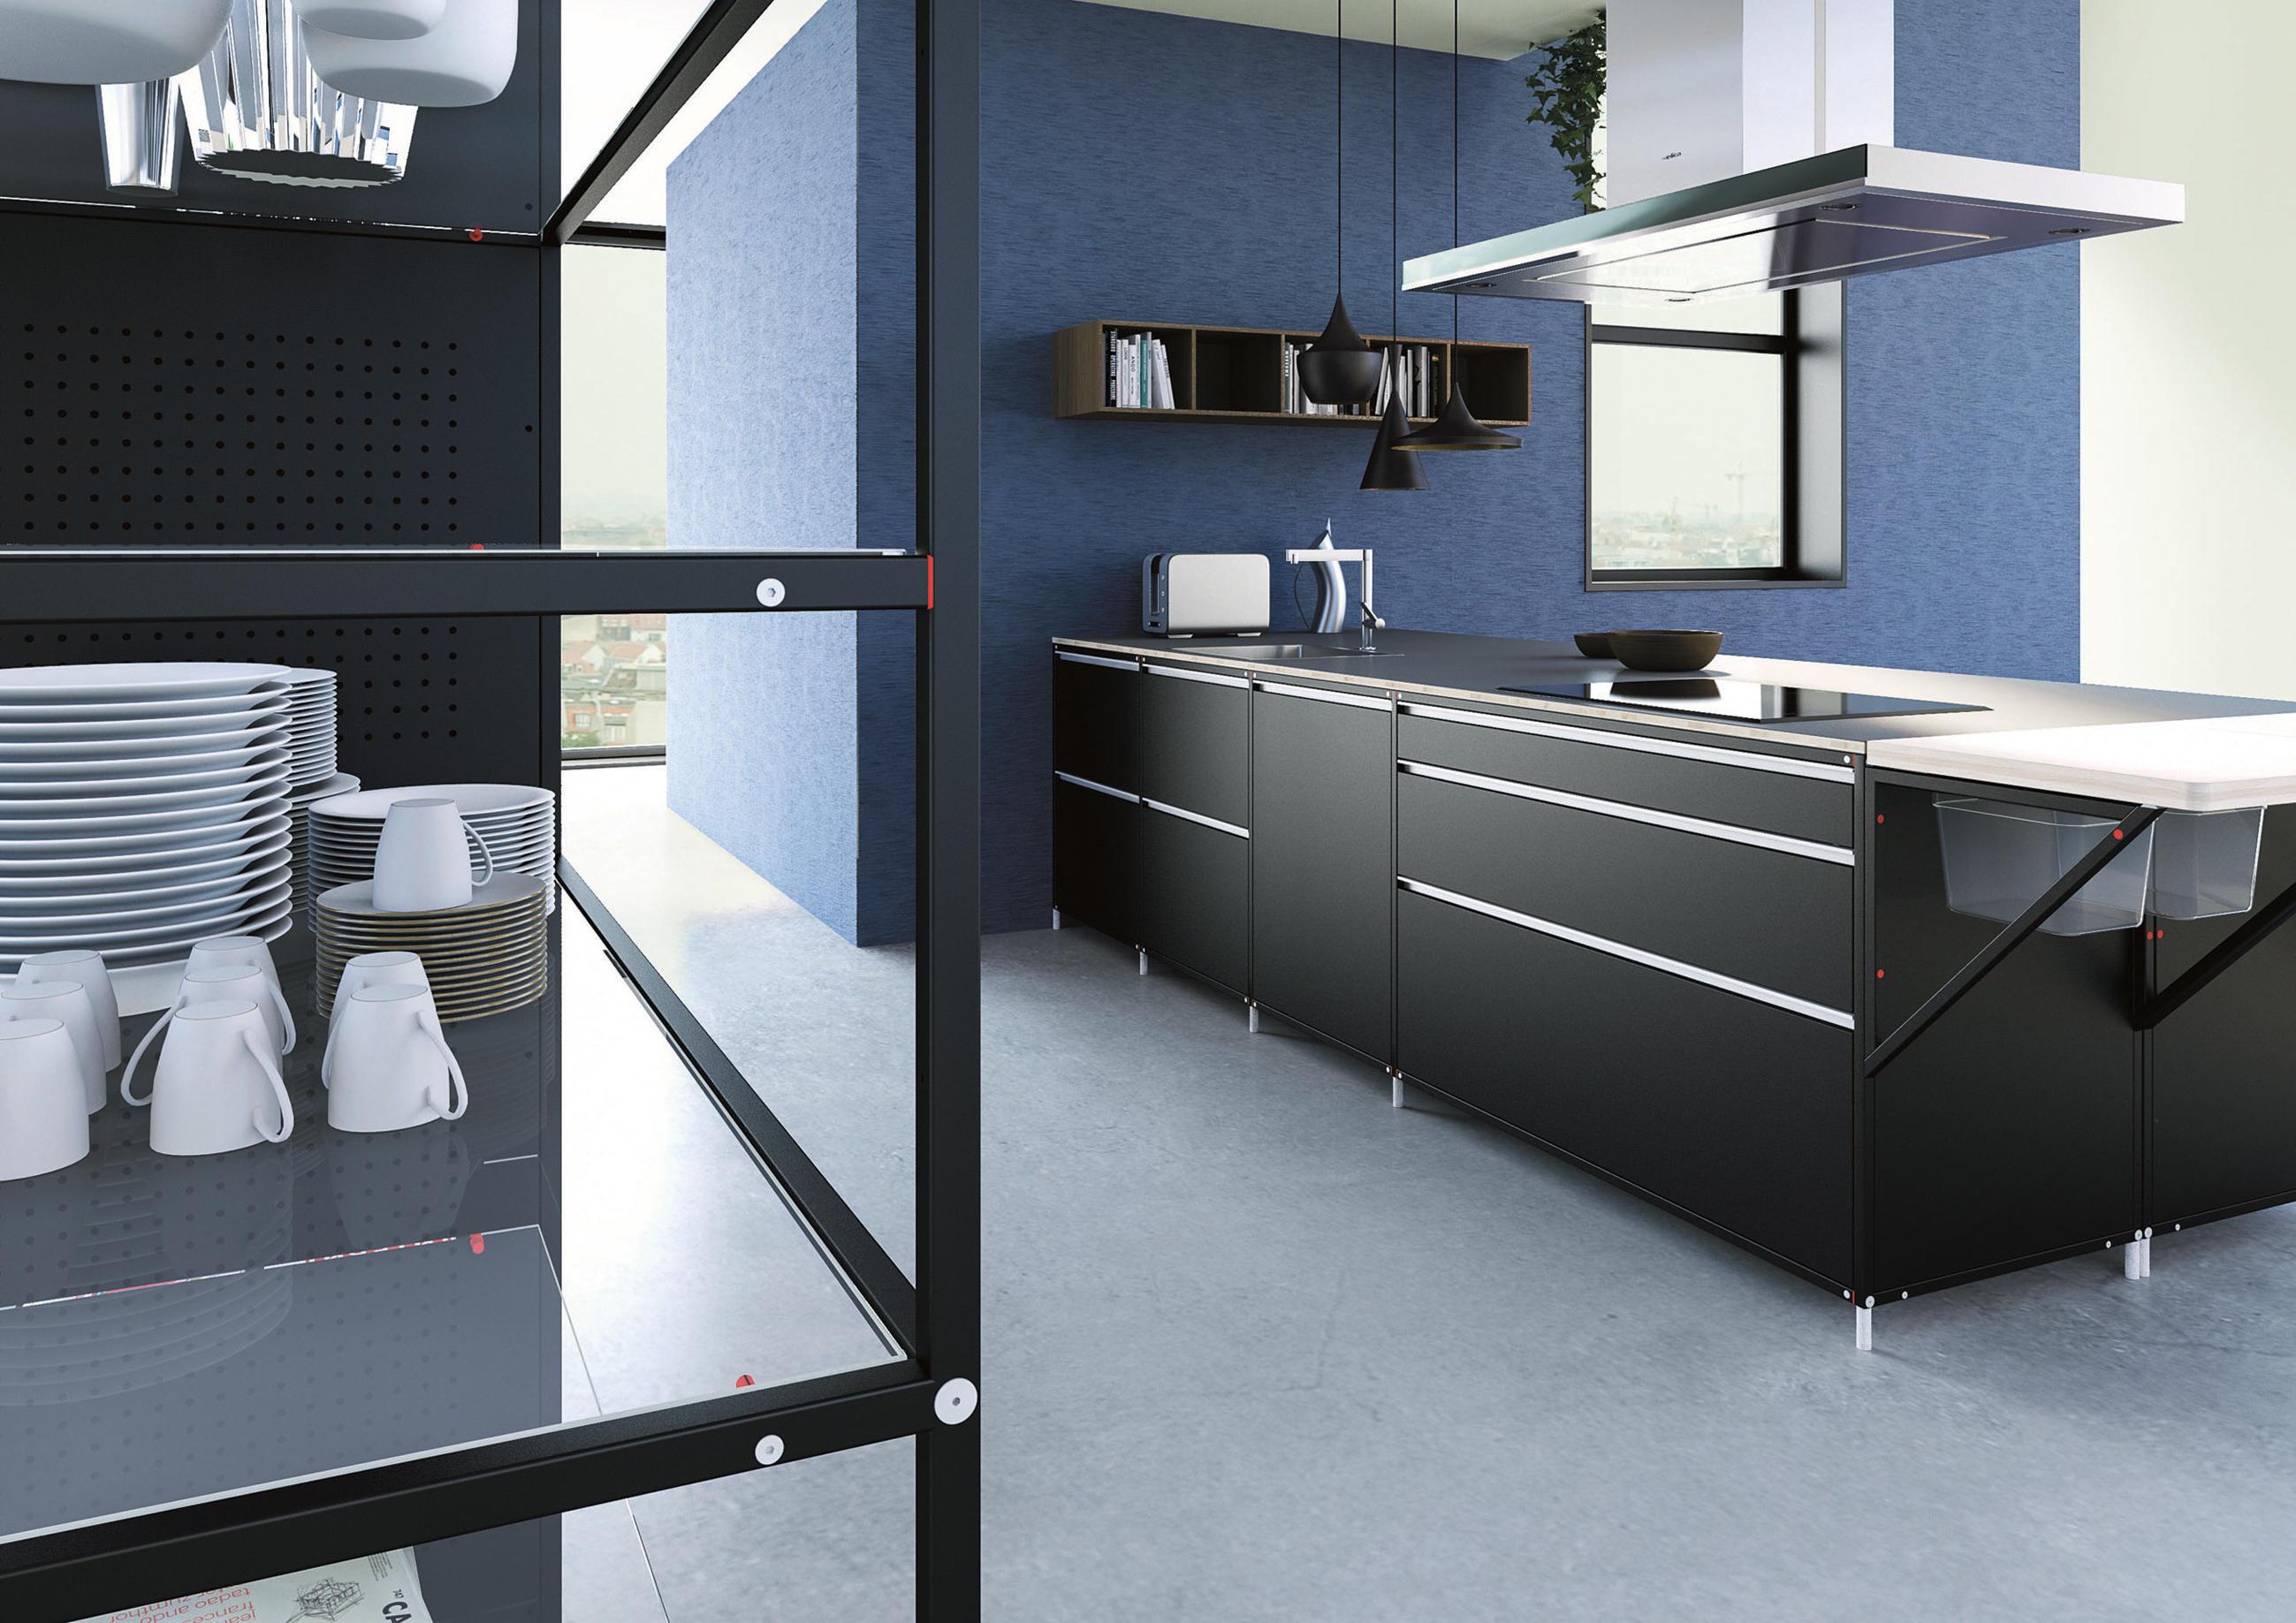 Meccanica iron wood cucine a parete di valcucine architonic - Cucine a parete ...